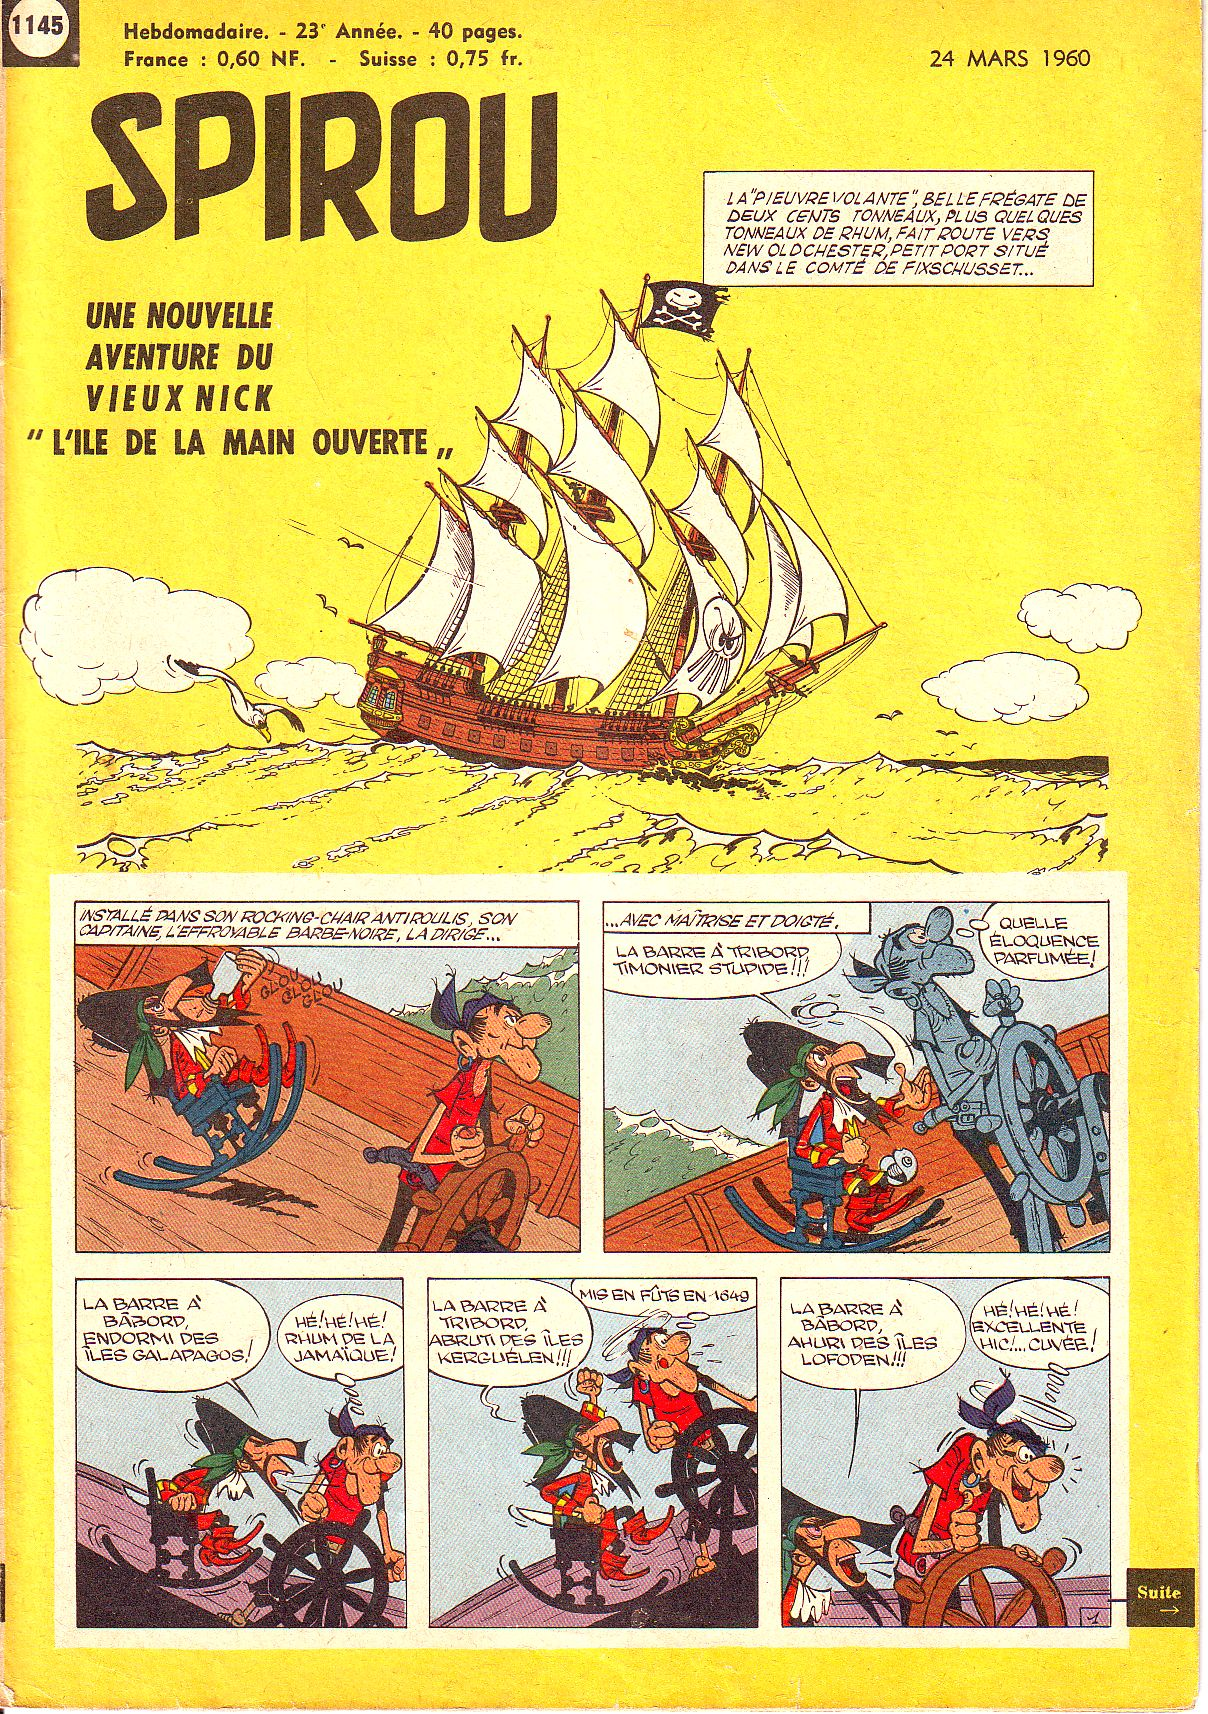 Le journal de Spirou 1145